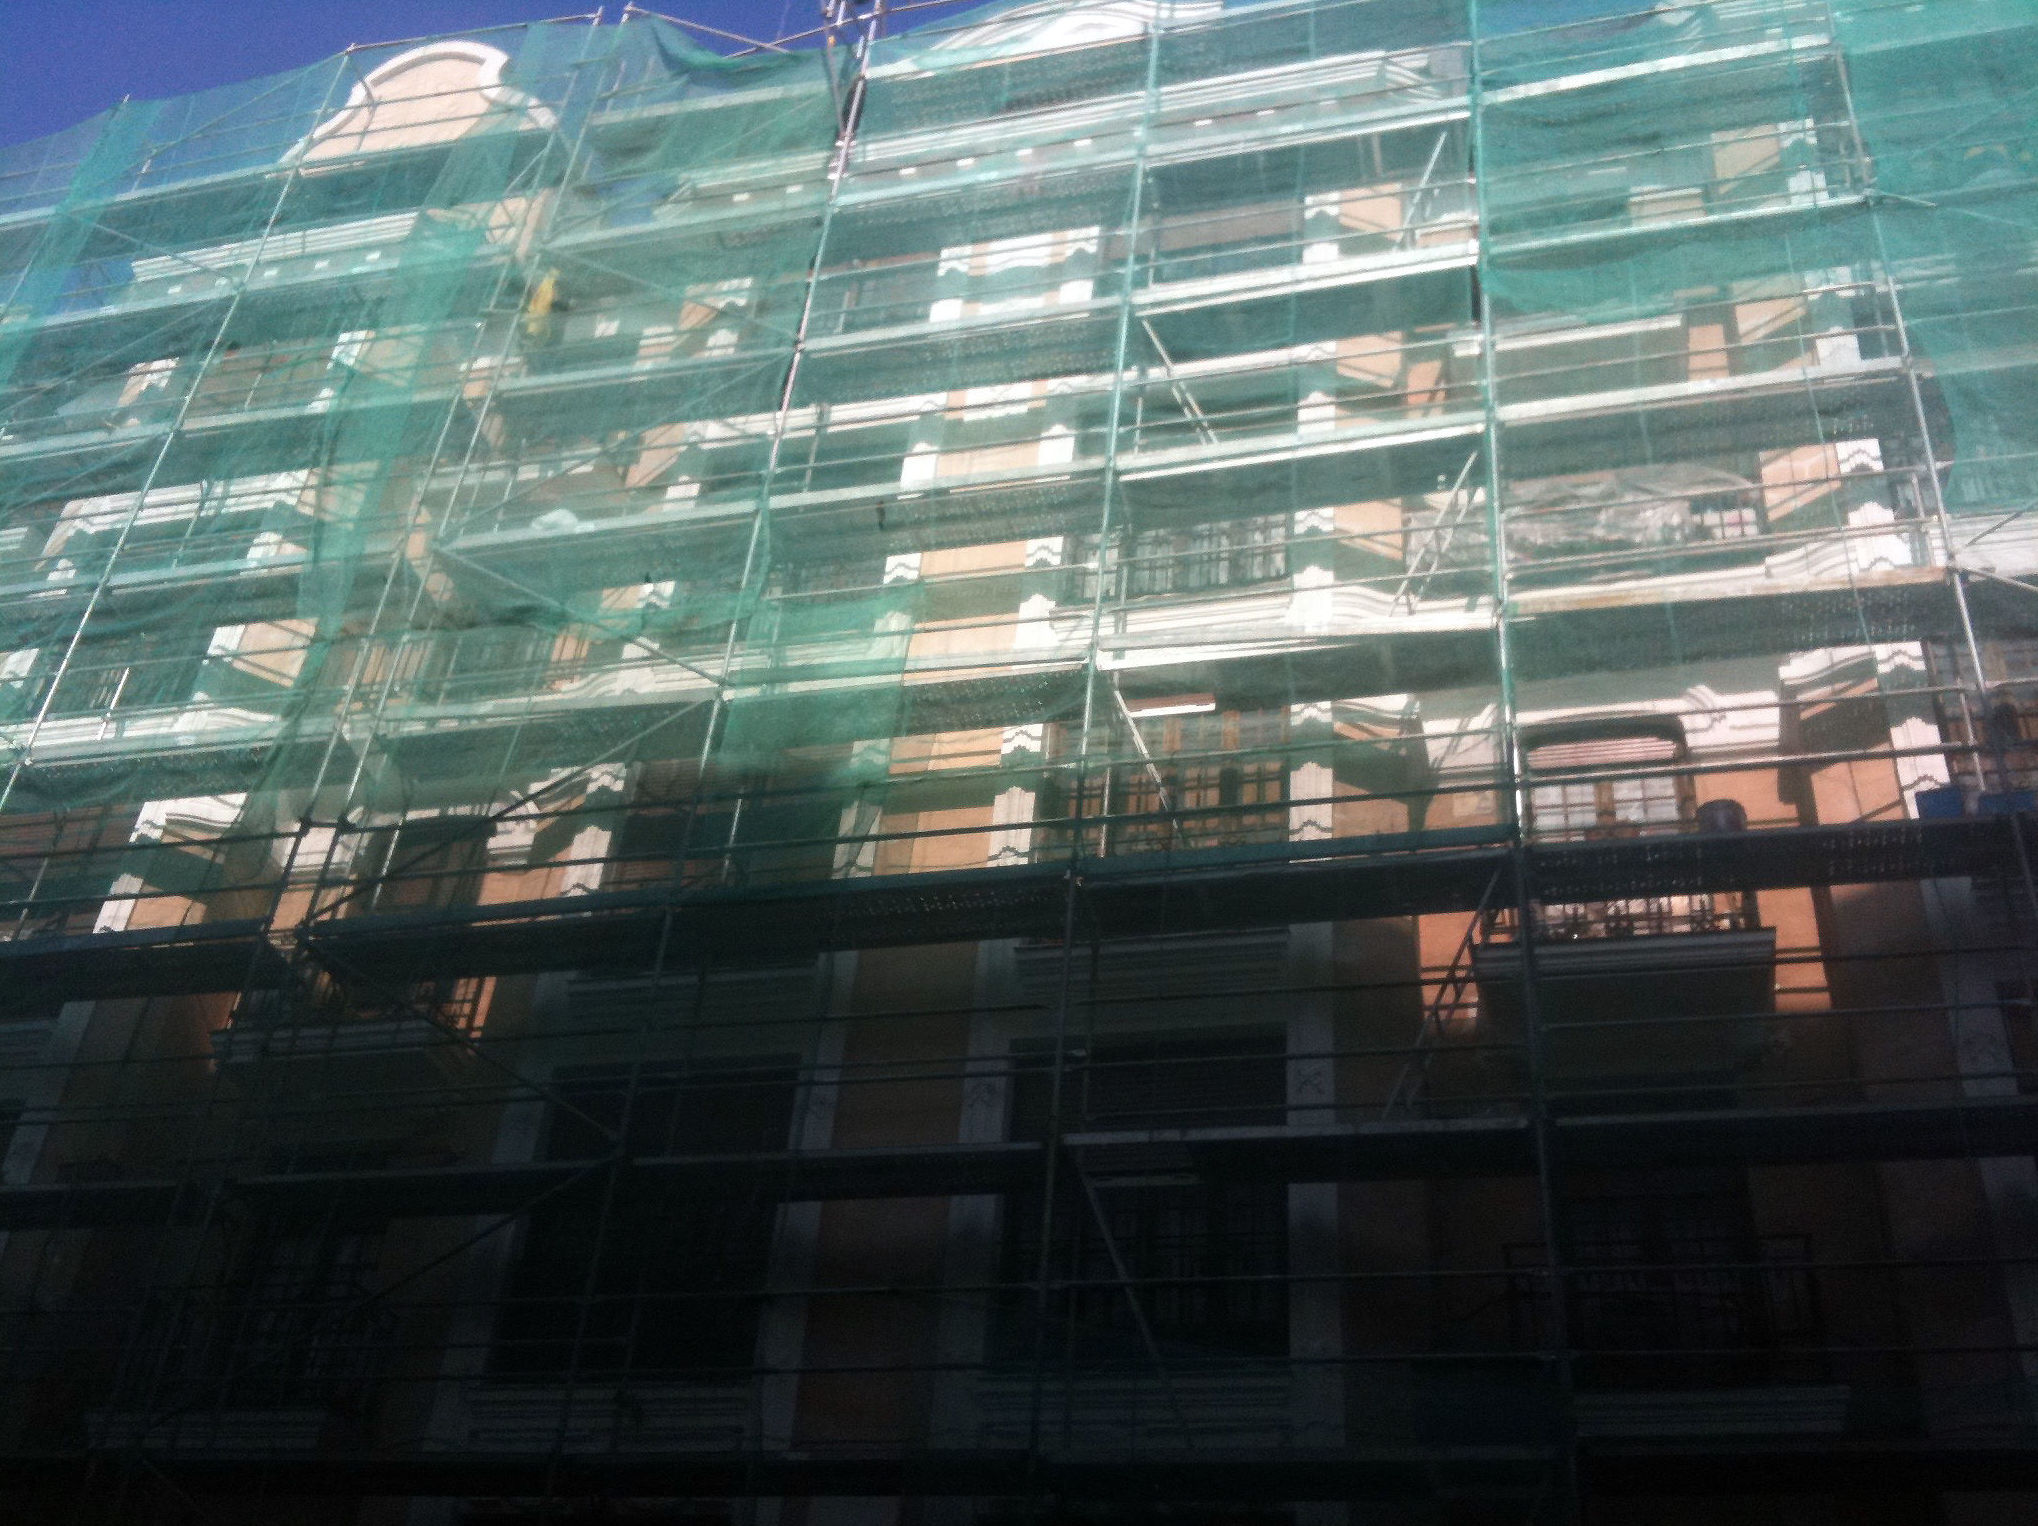 Montaje y desmontaje de andamios en fachada